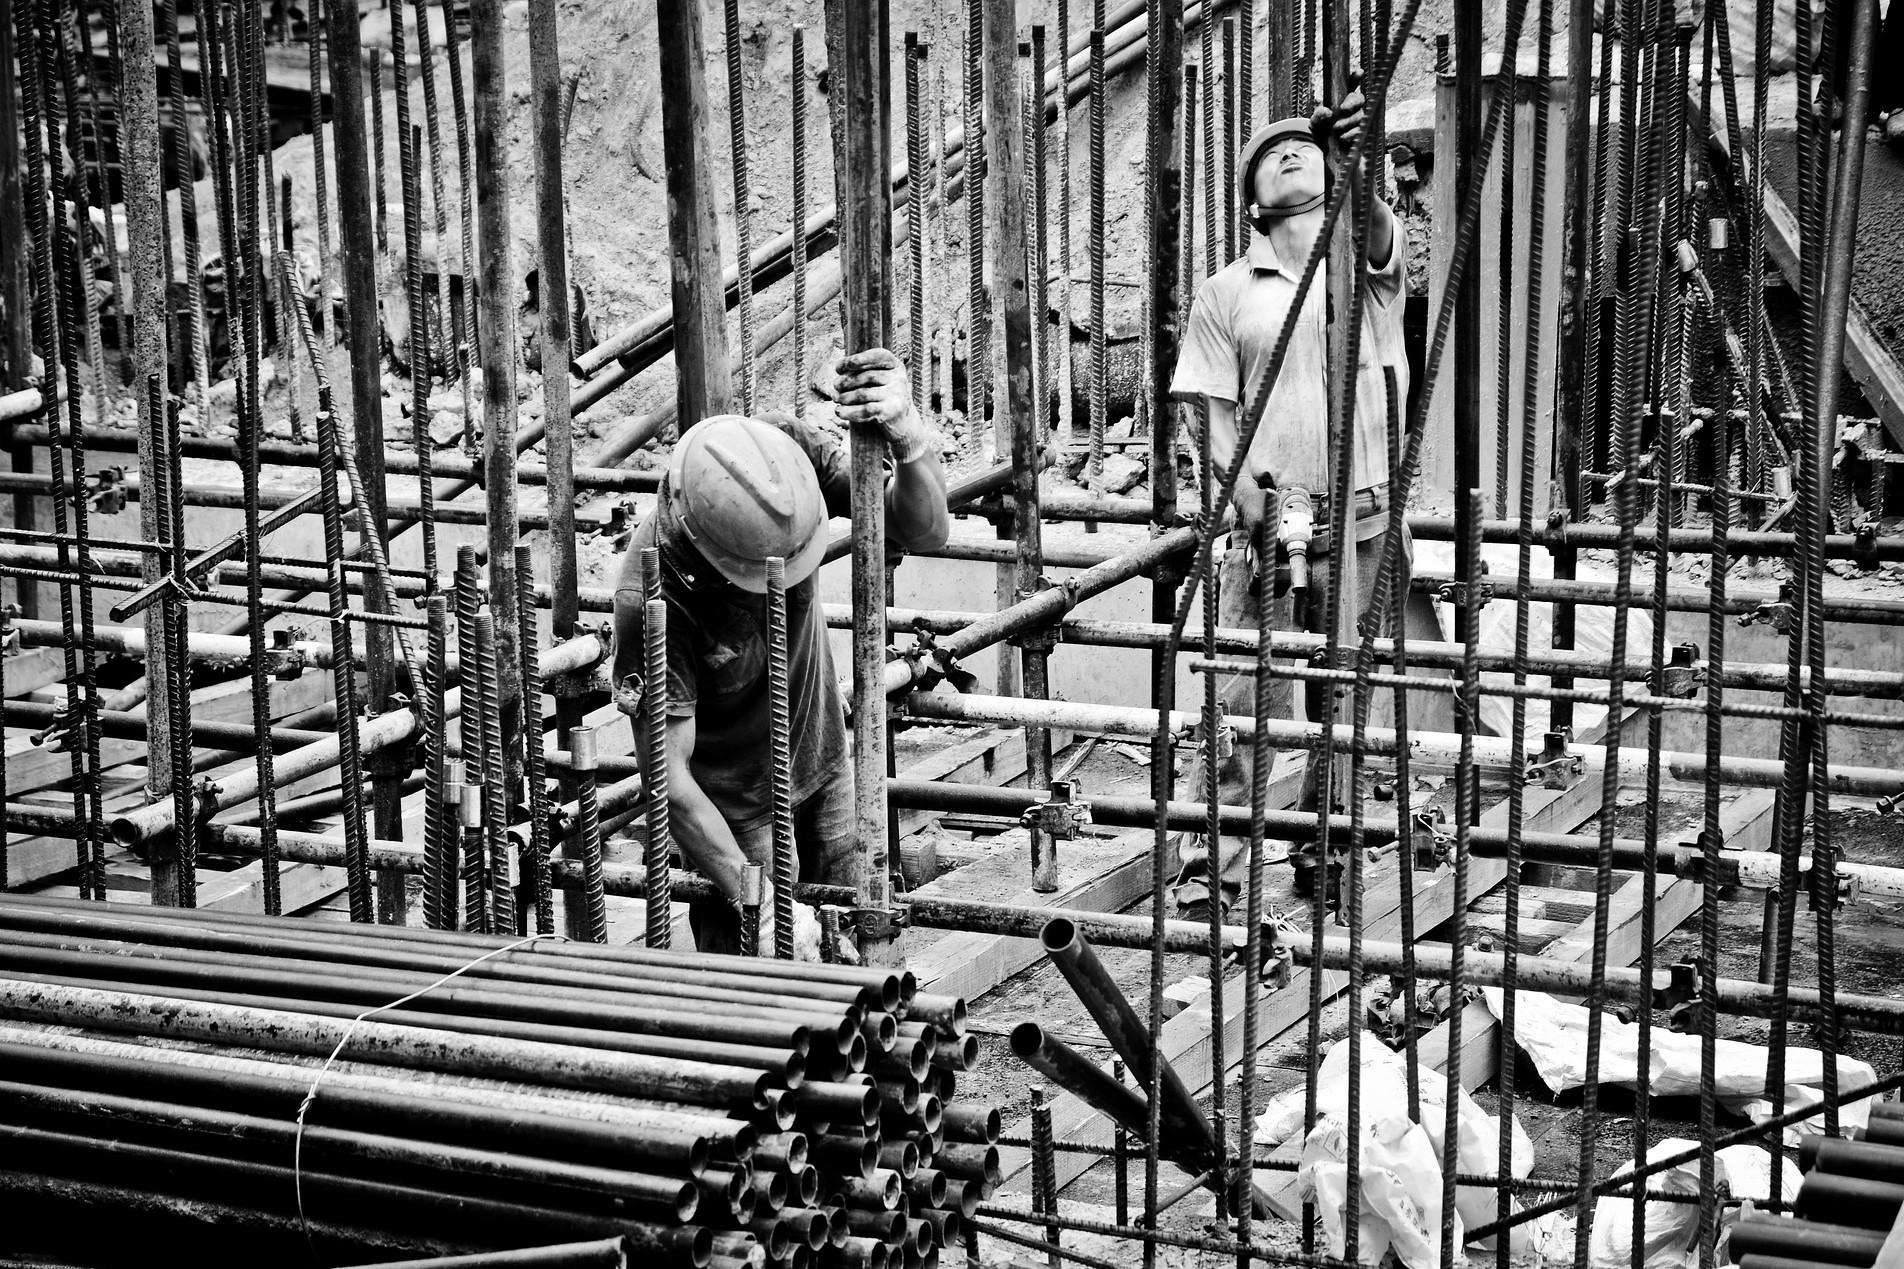 A kedvezmények hozzájárultak a lakásépítés növekedéséhez